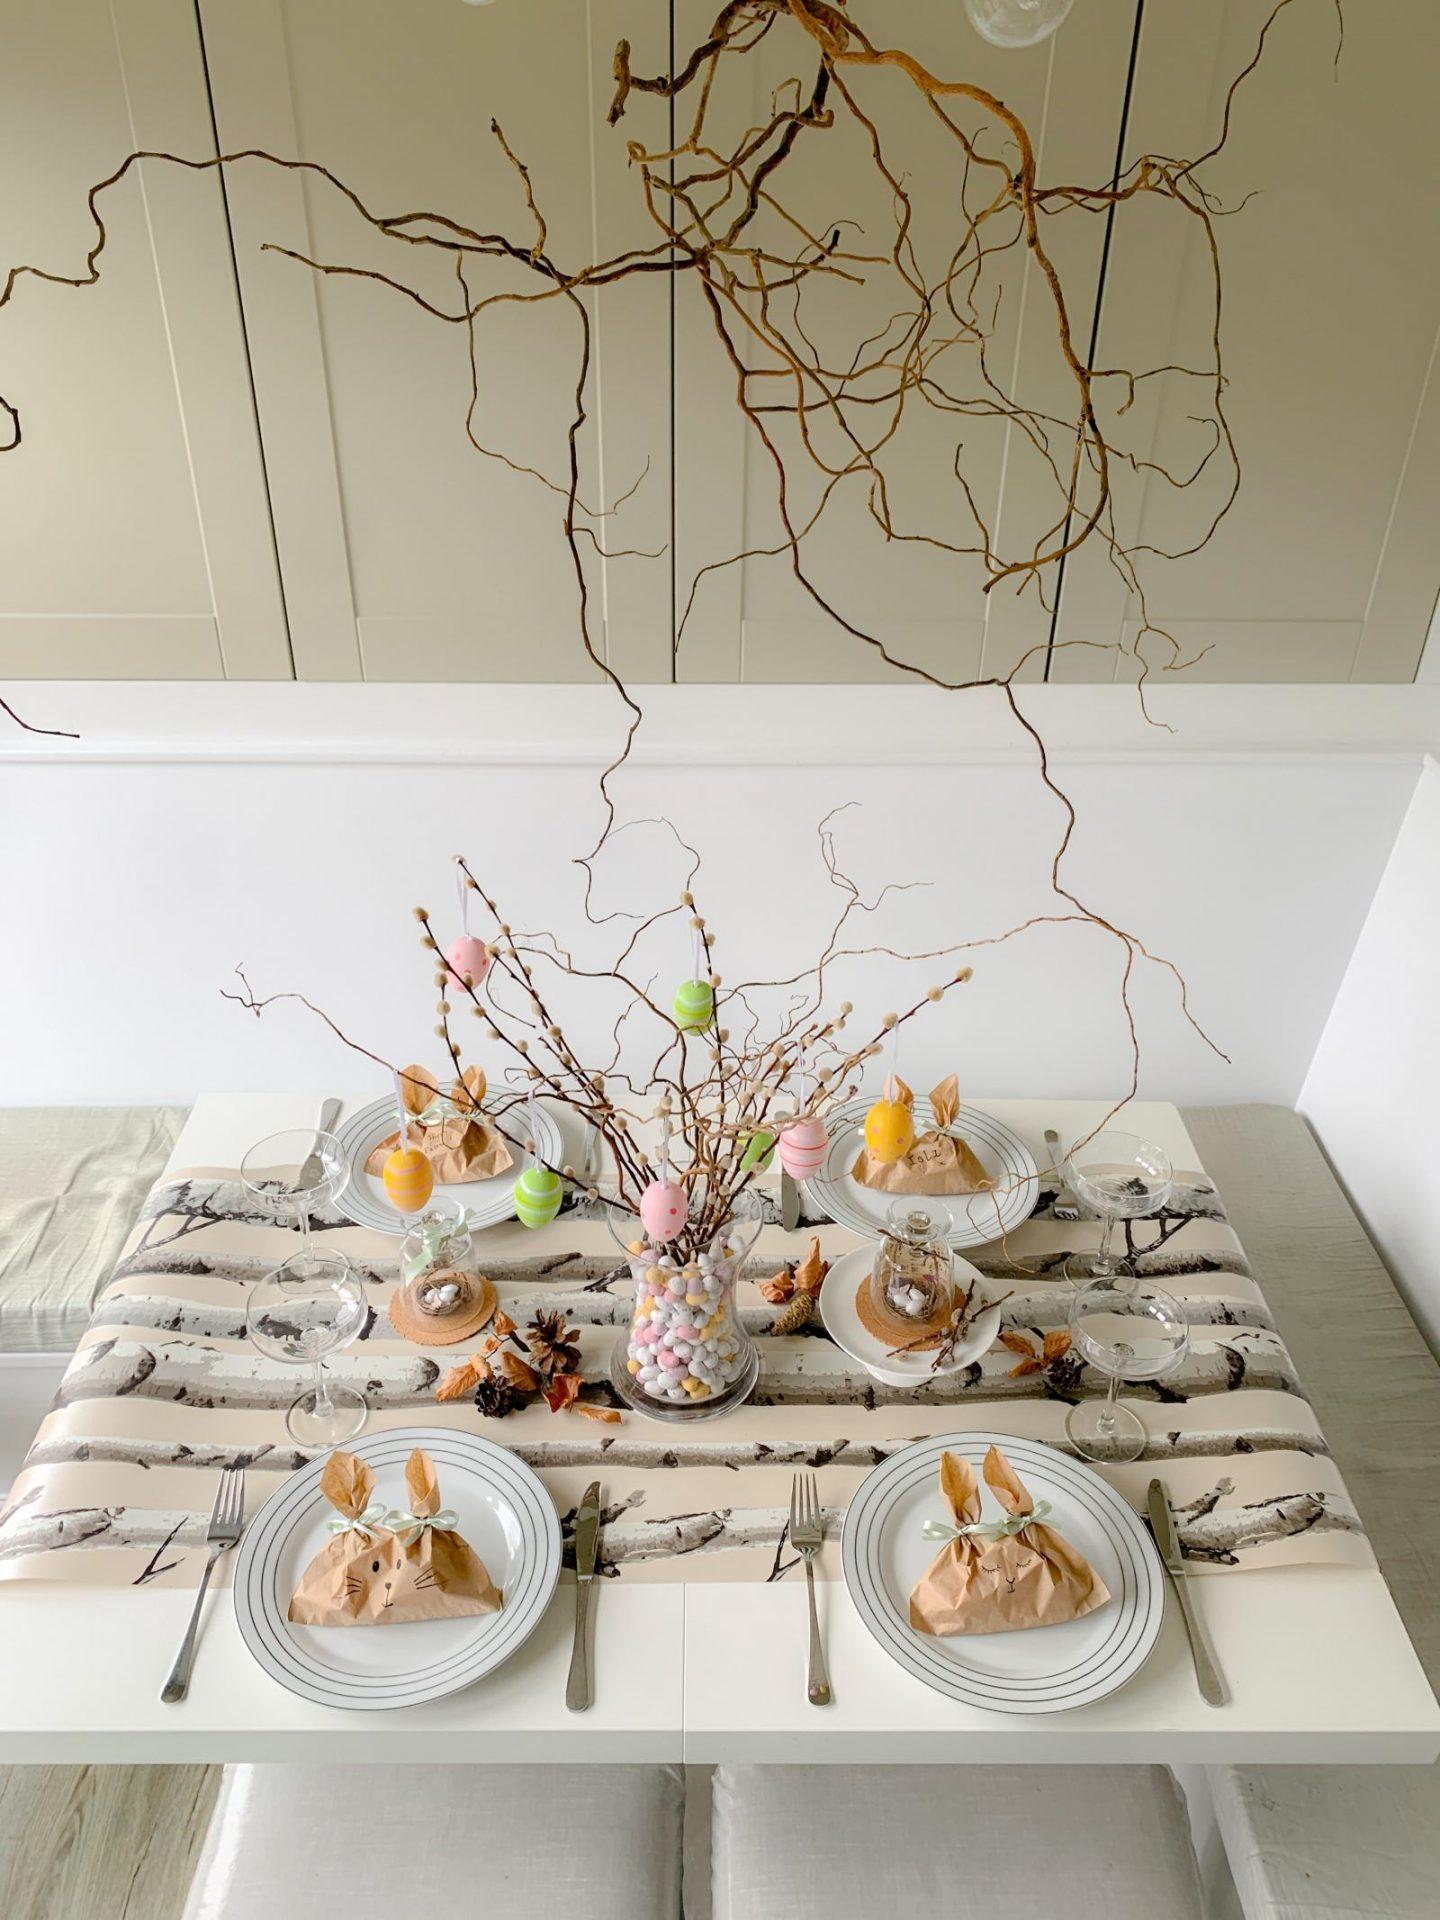 Wallpaper table runners for Easter